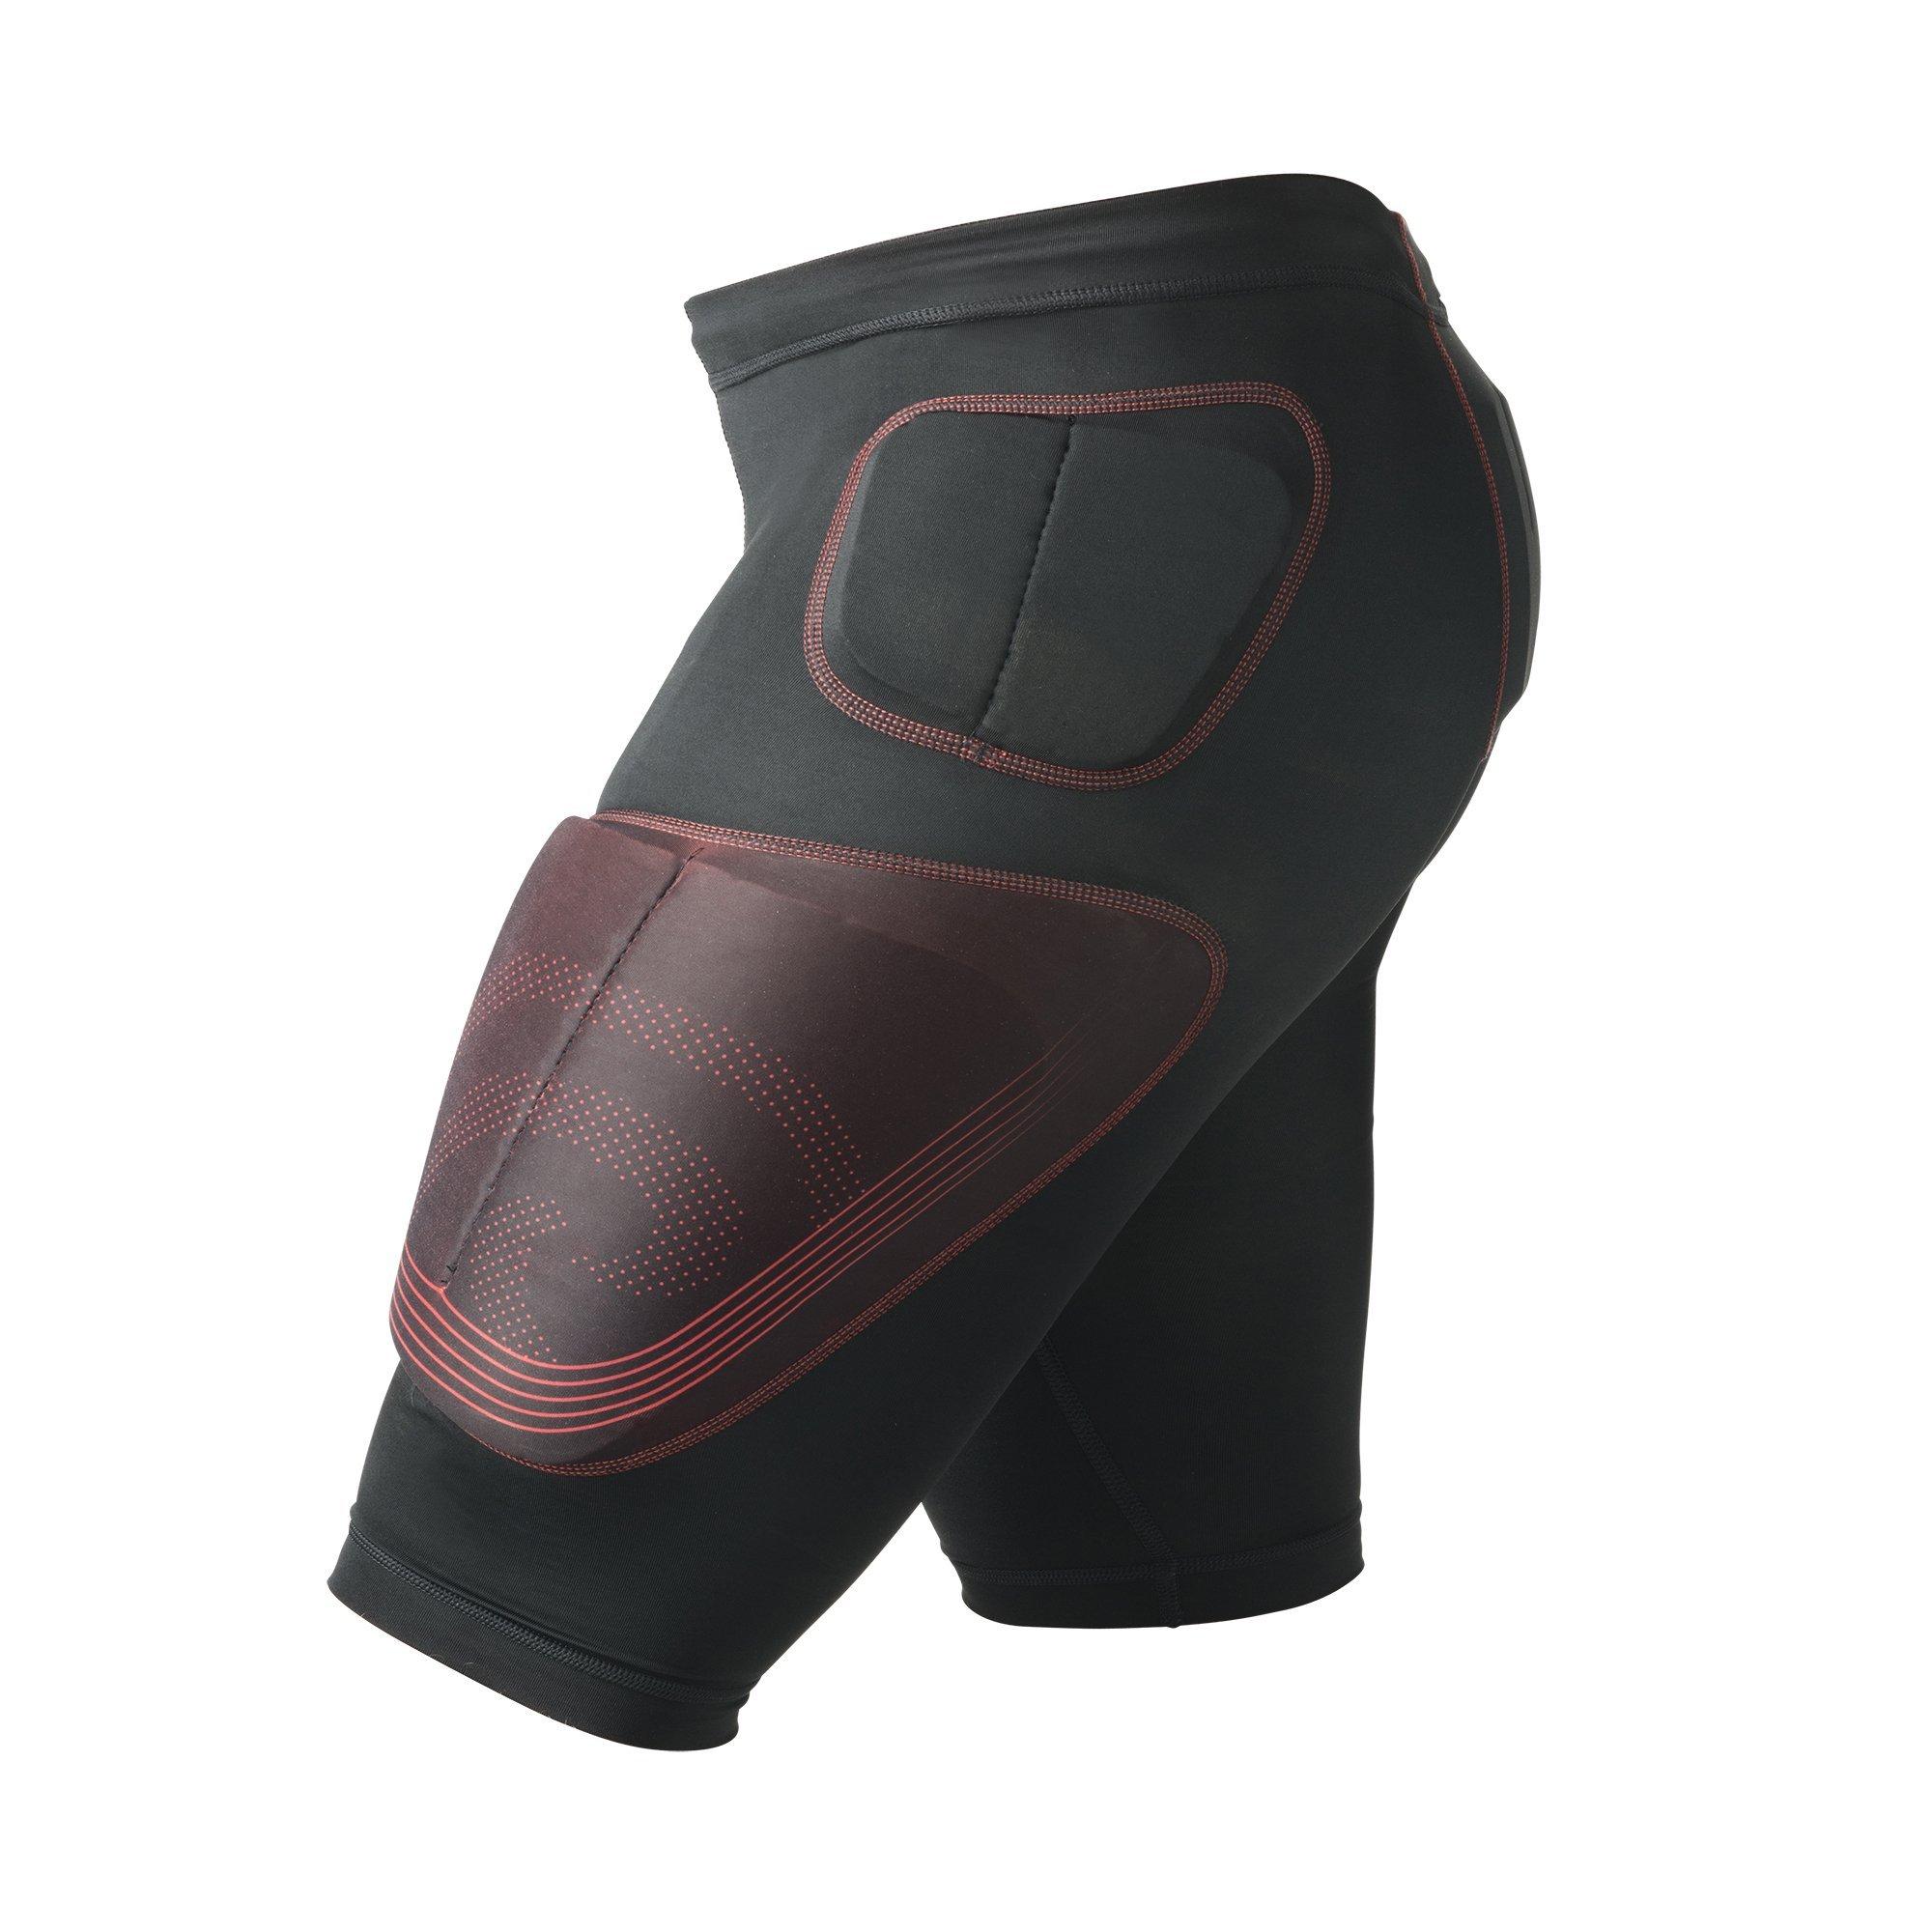 Rehband Kompression RX S Gepolstert an Hüfte Oberschenkel und Steißbein Shorts